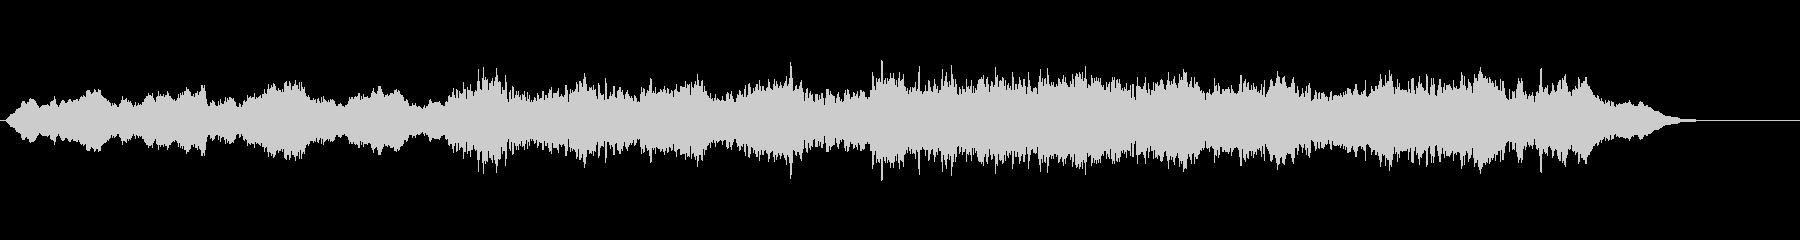 環境音楽(リラクゼーション系)の未再生の波形